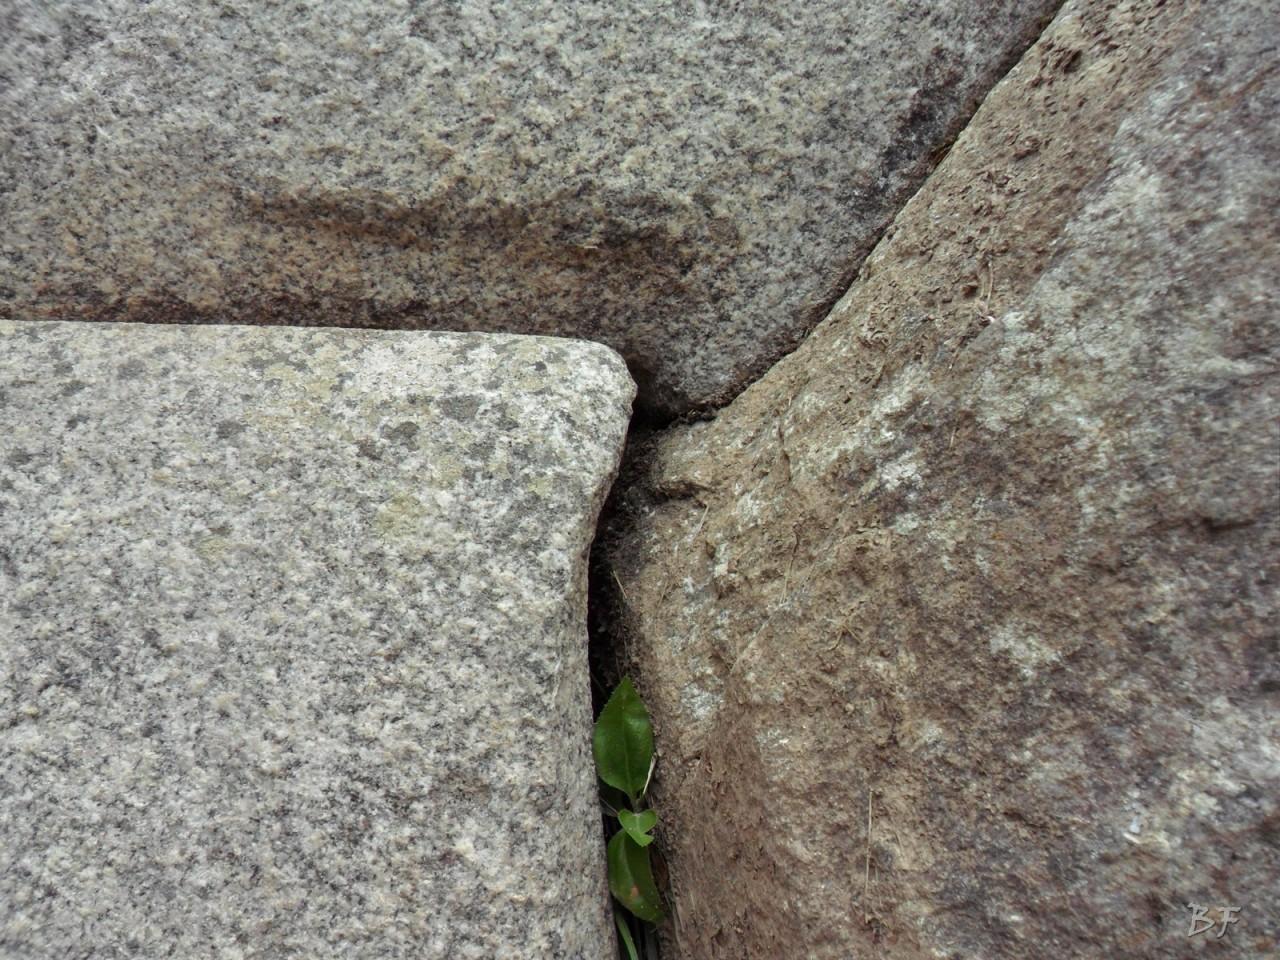 Mura-Poligonali-Incisioni-Altari-Edifici-Rupestri-Megaliti-Machu-Picchu-Aguas-Calientes-Urubamba-Cusco-Perù-106